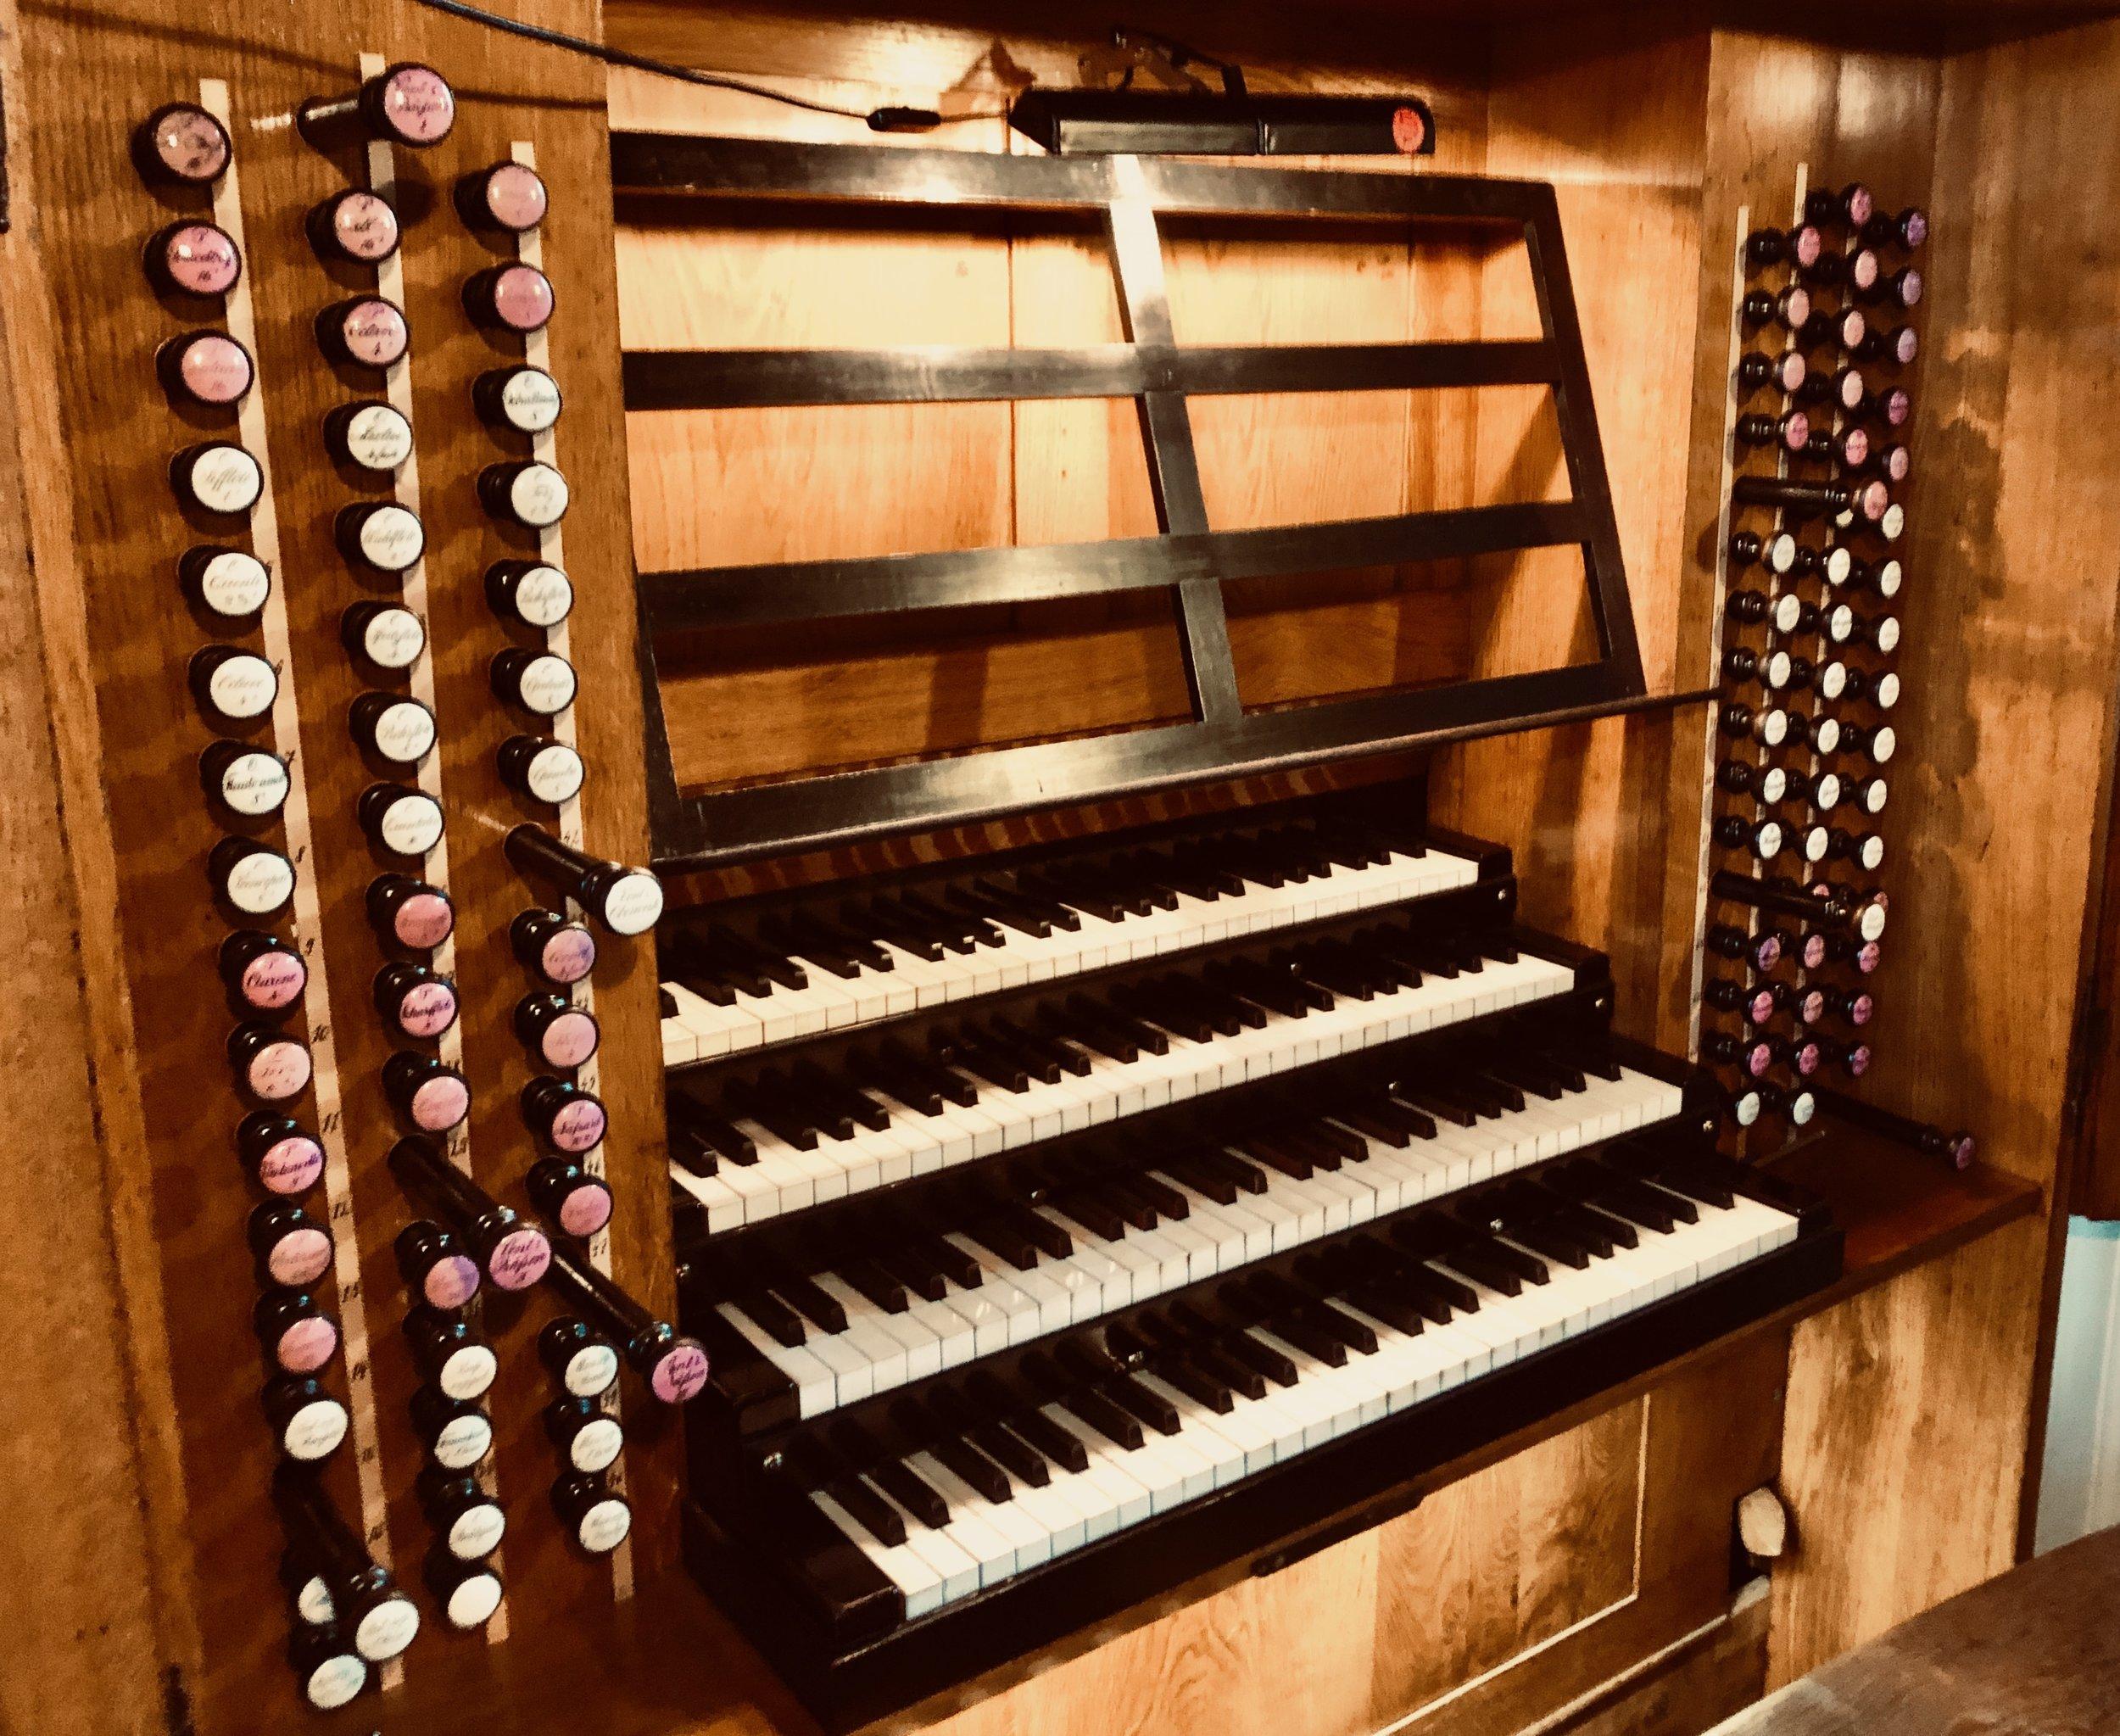 Console, 1855 Ladegast Organ, Merseburg Dom.